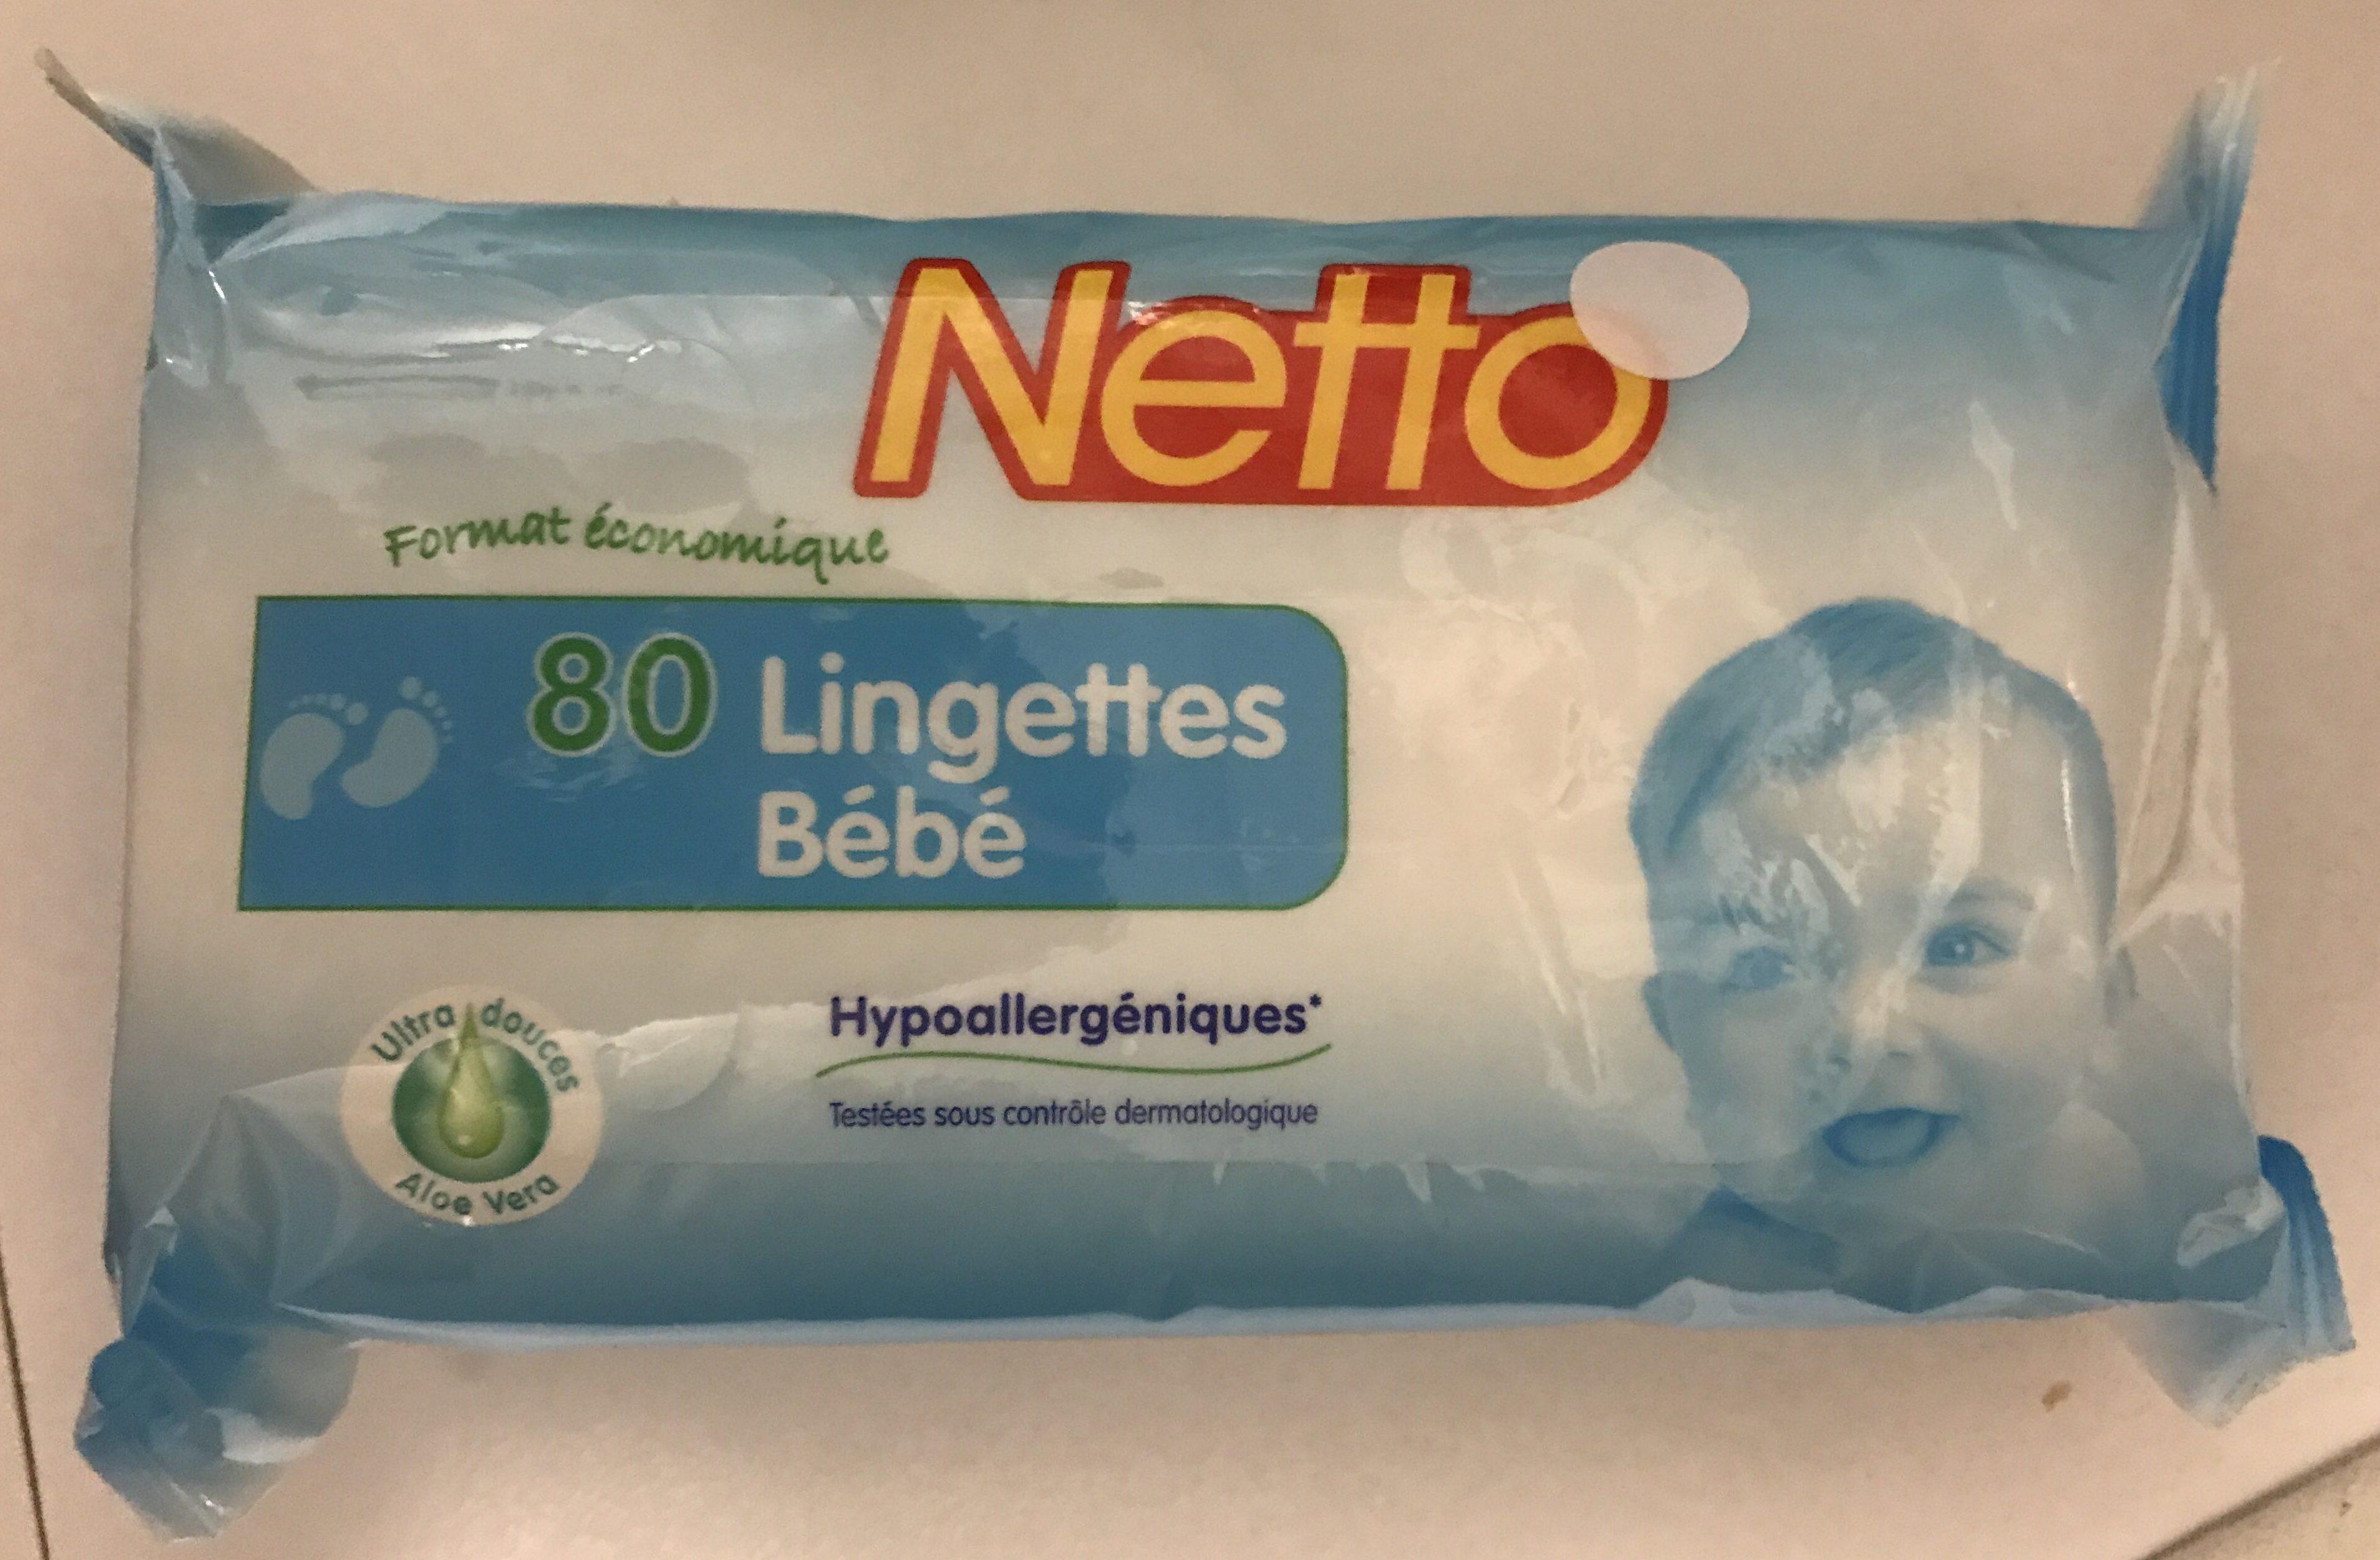 80 Lingettes bébé - Product - fr